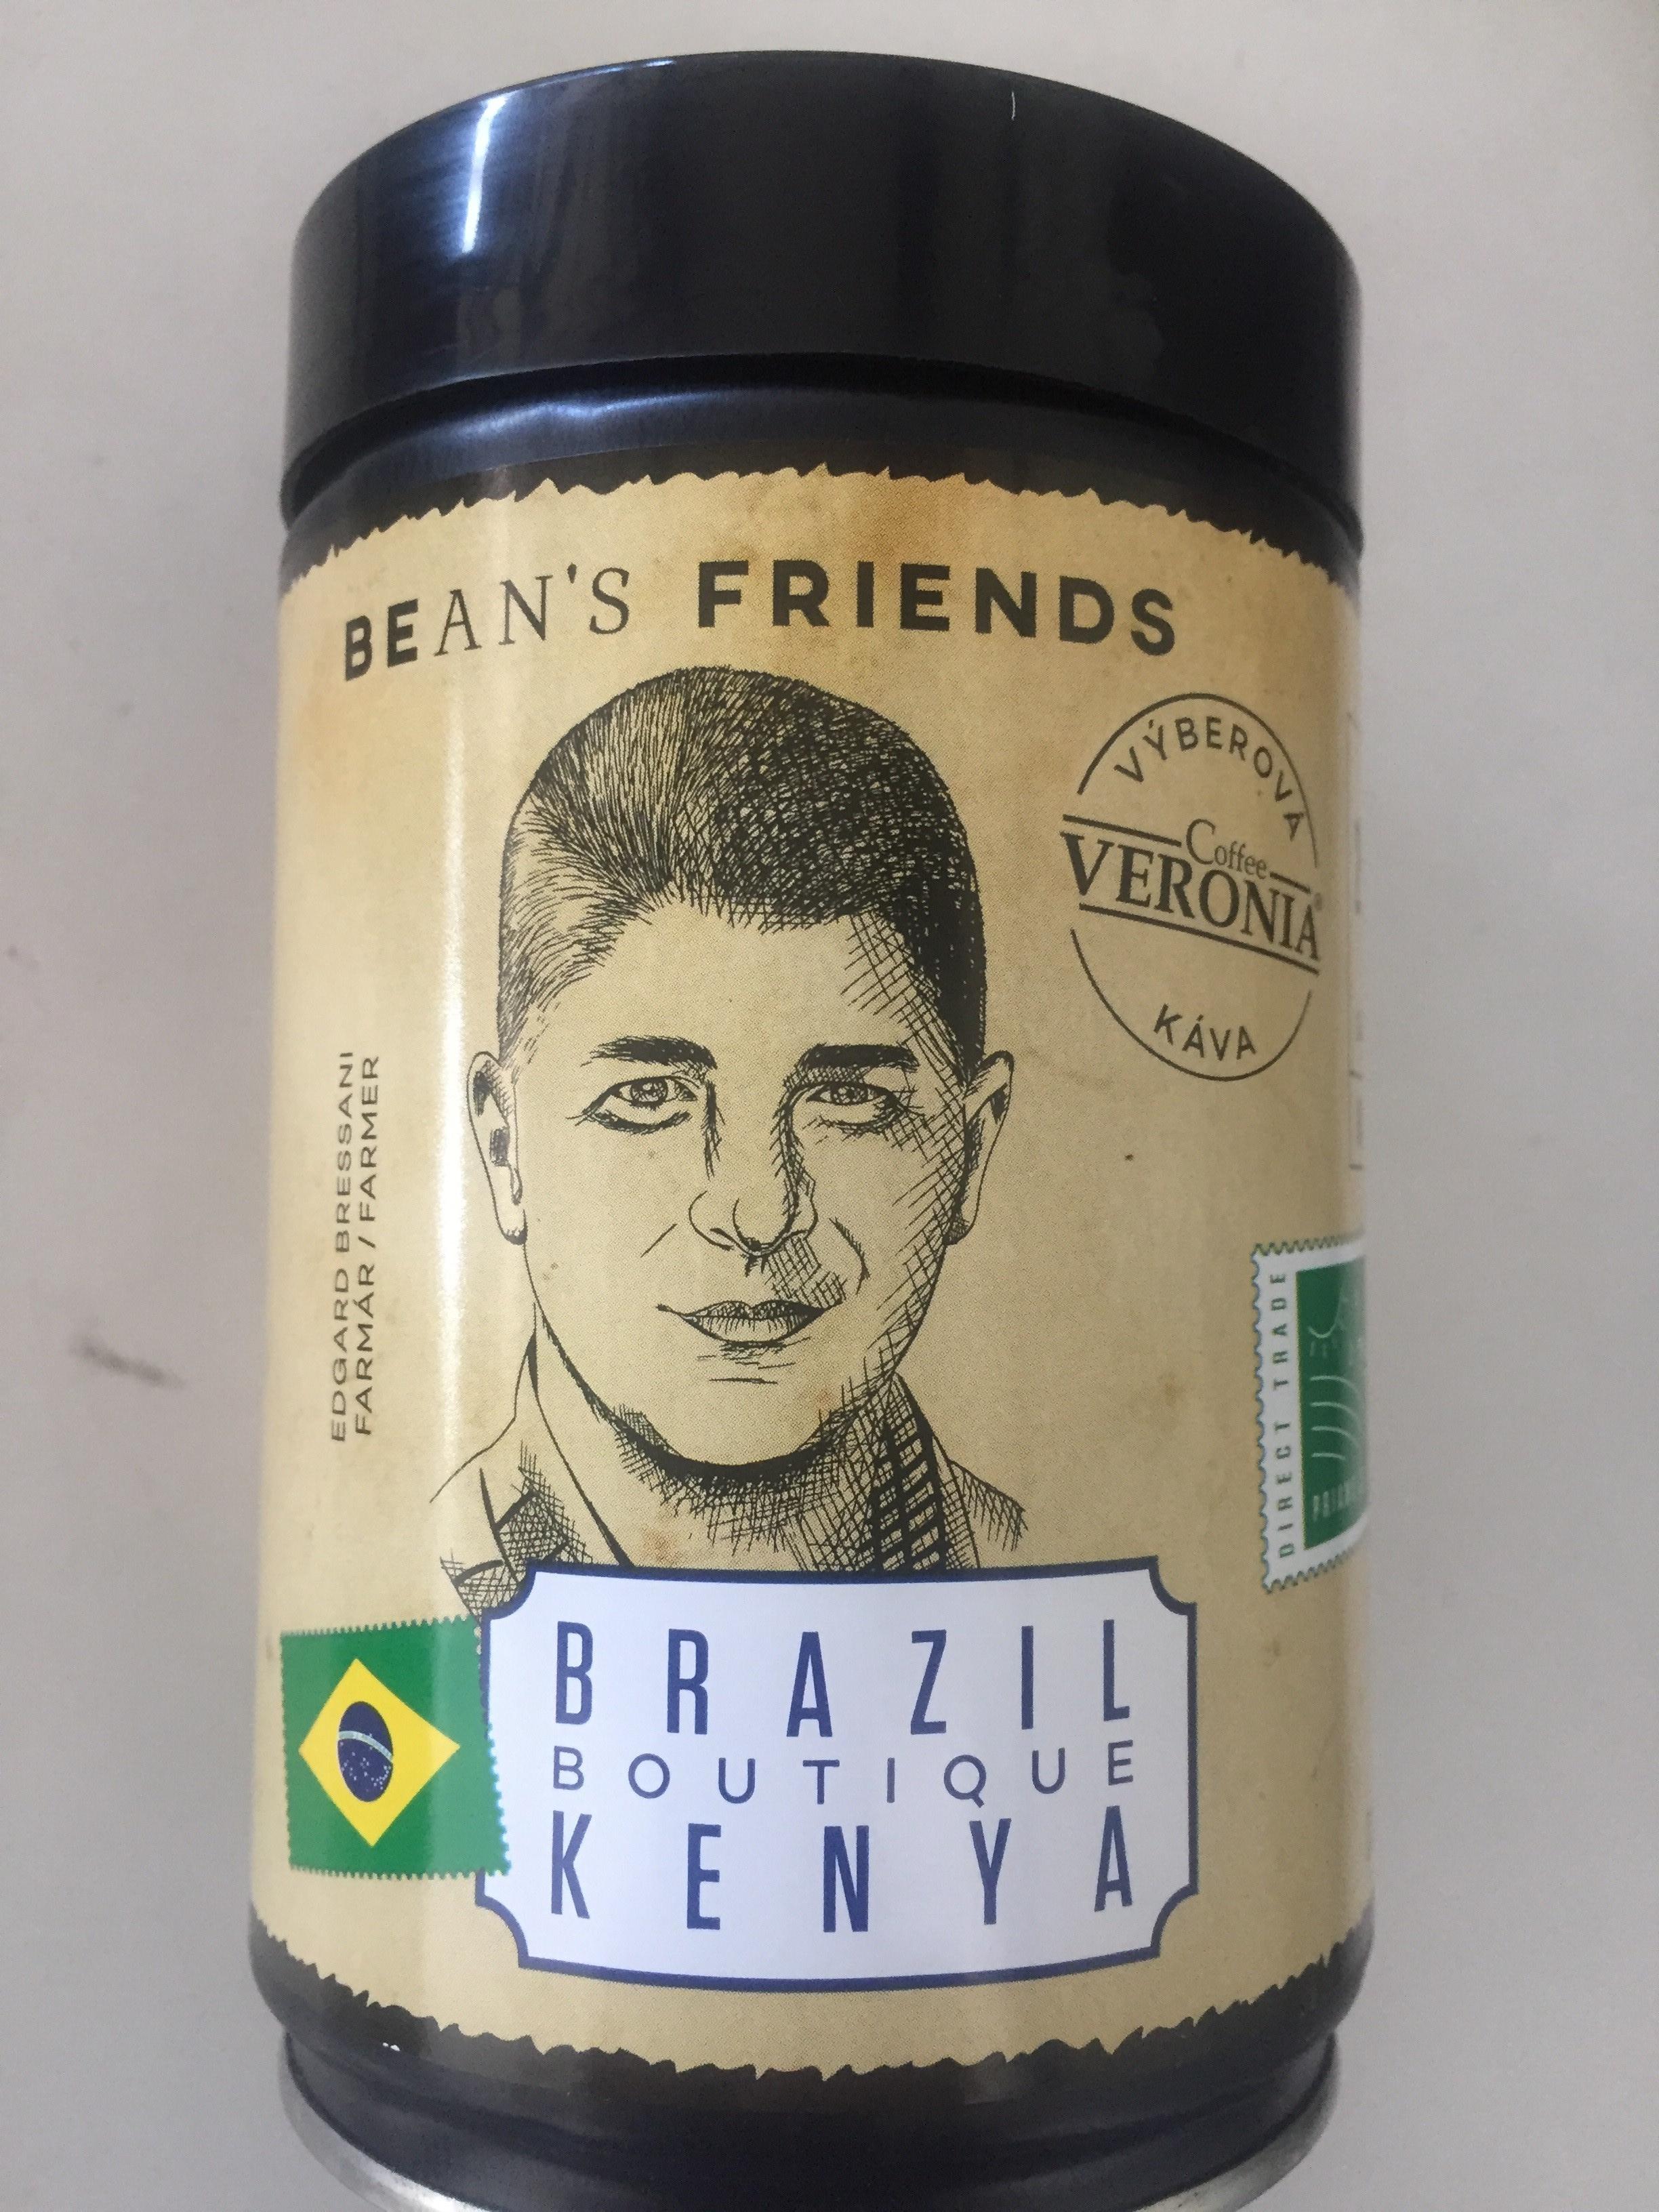 Káva Brazil Boutique Kenya 250g